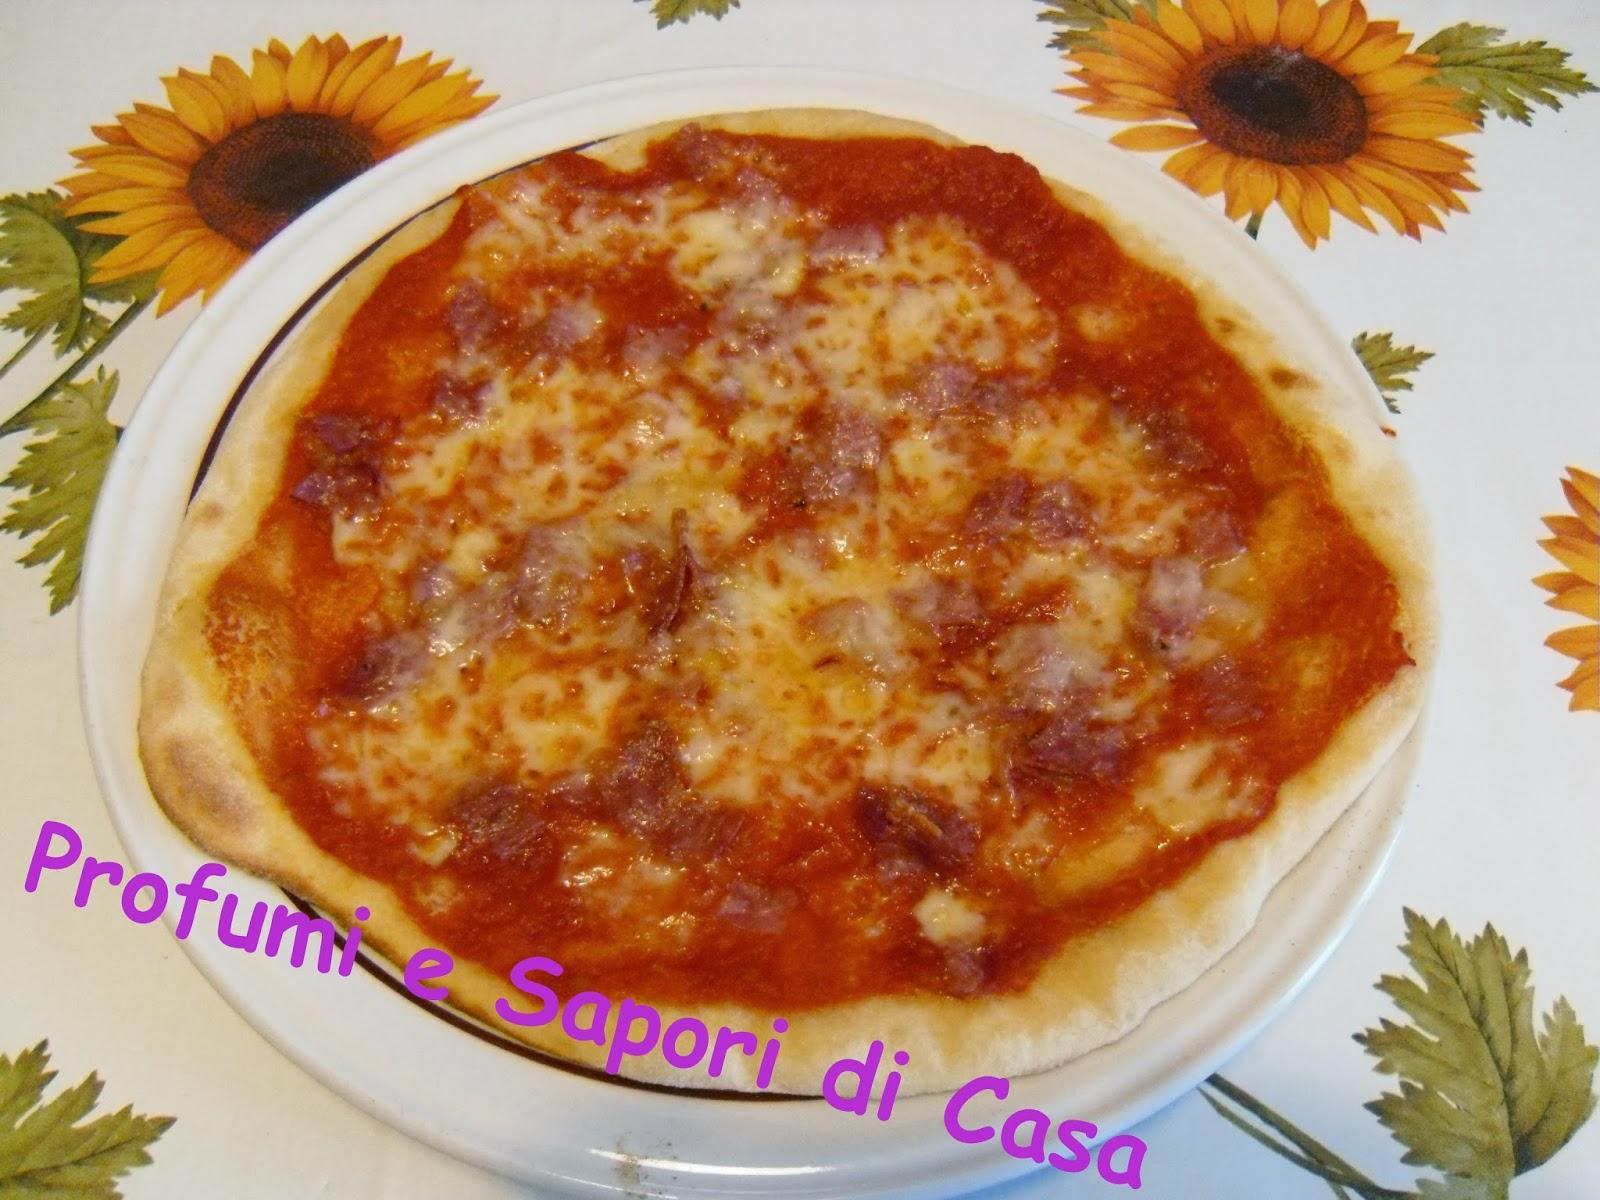 Profumi e sapori di casa pizze con lievito madre for Casa francese di abiti e profumi